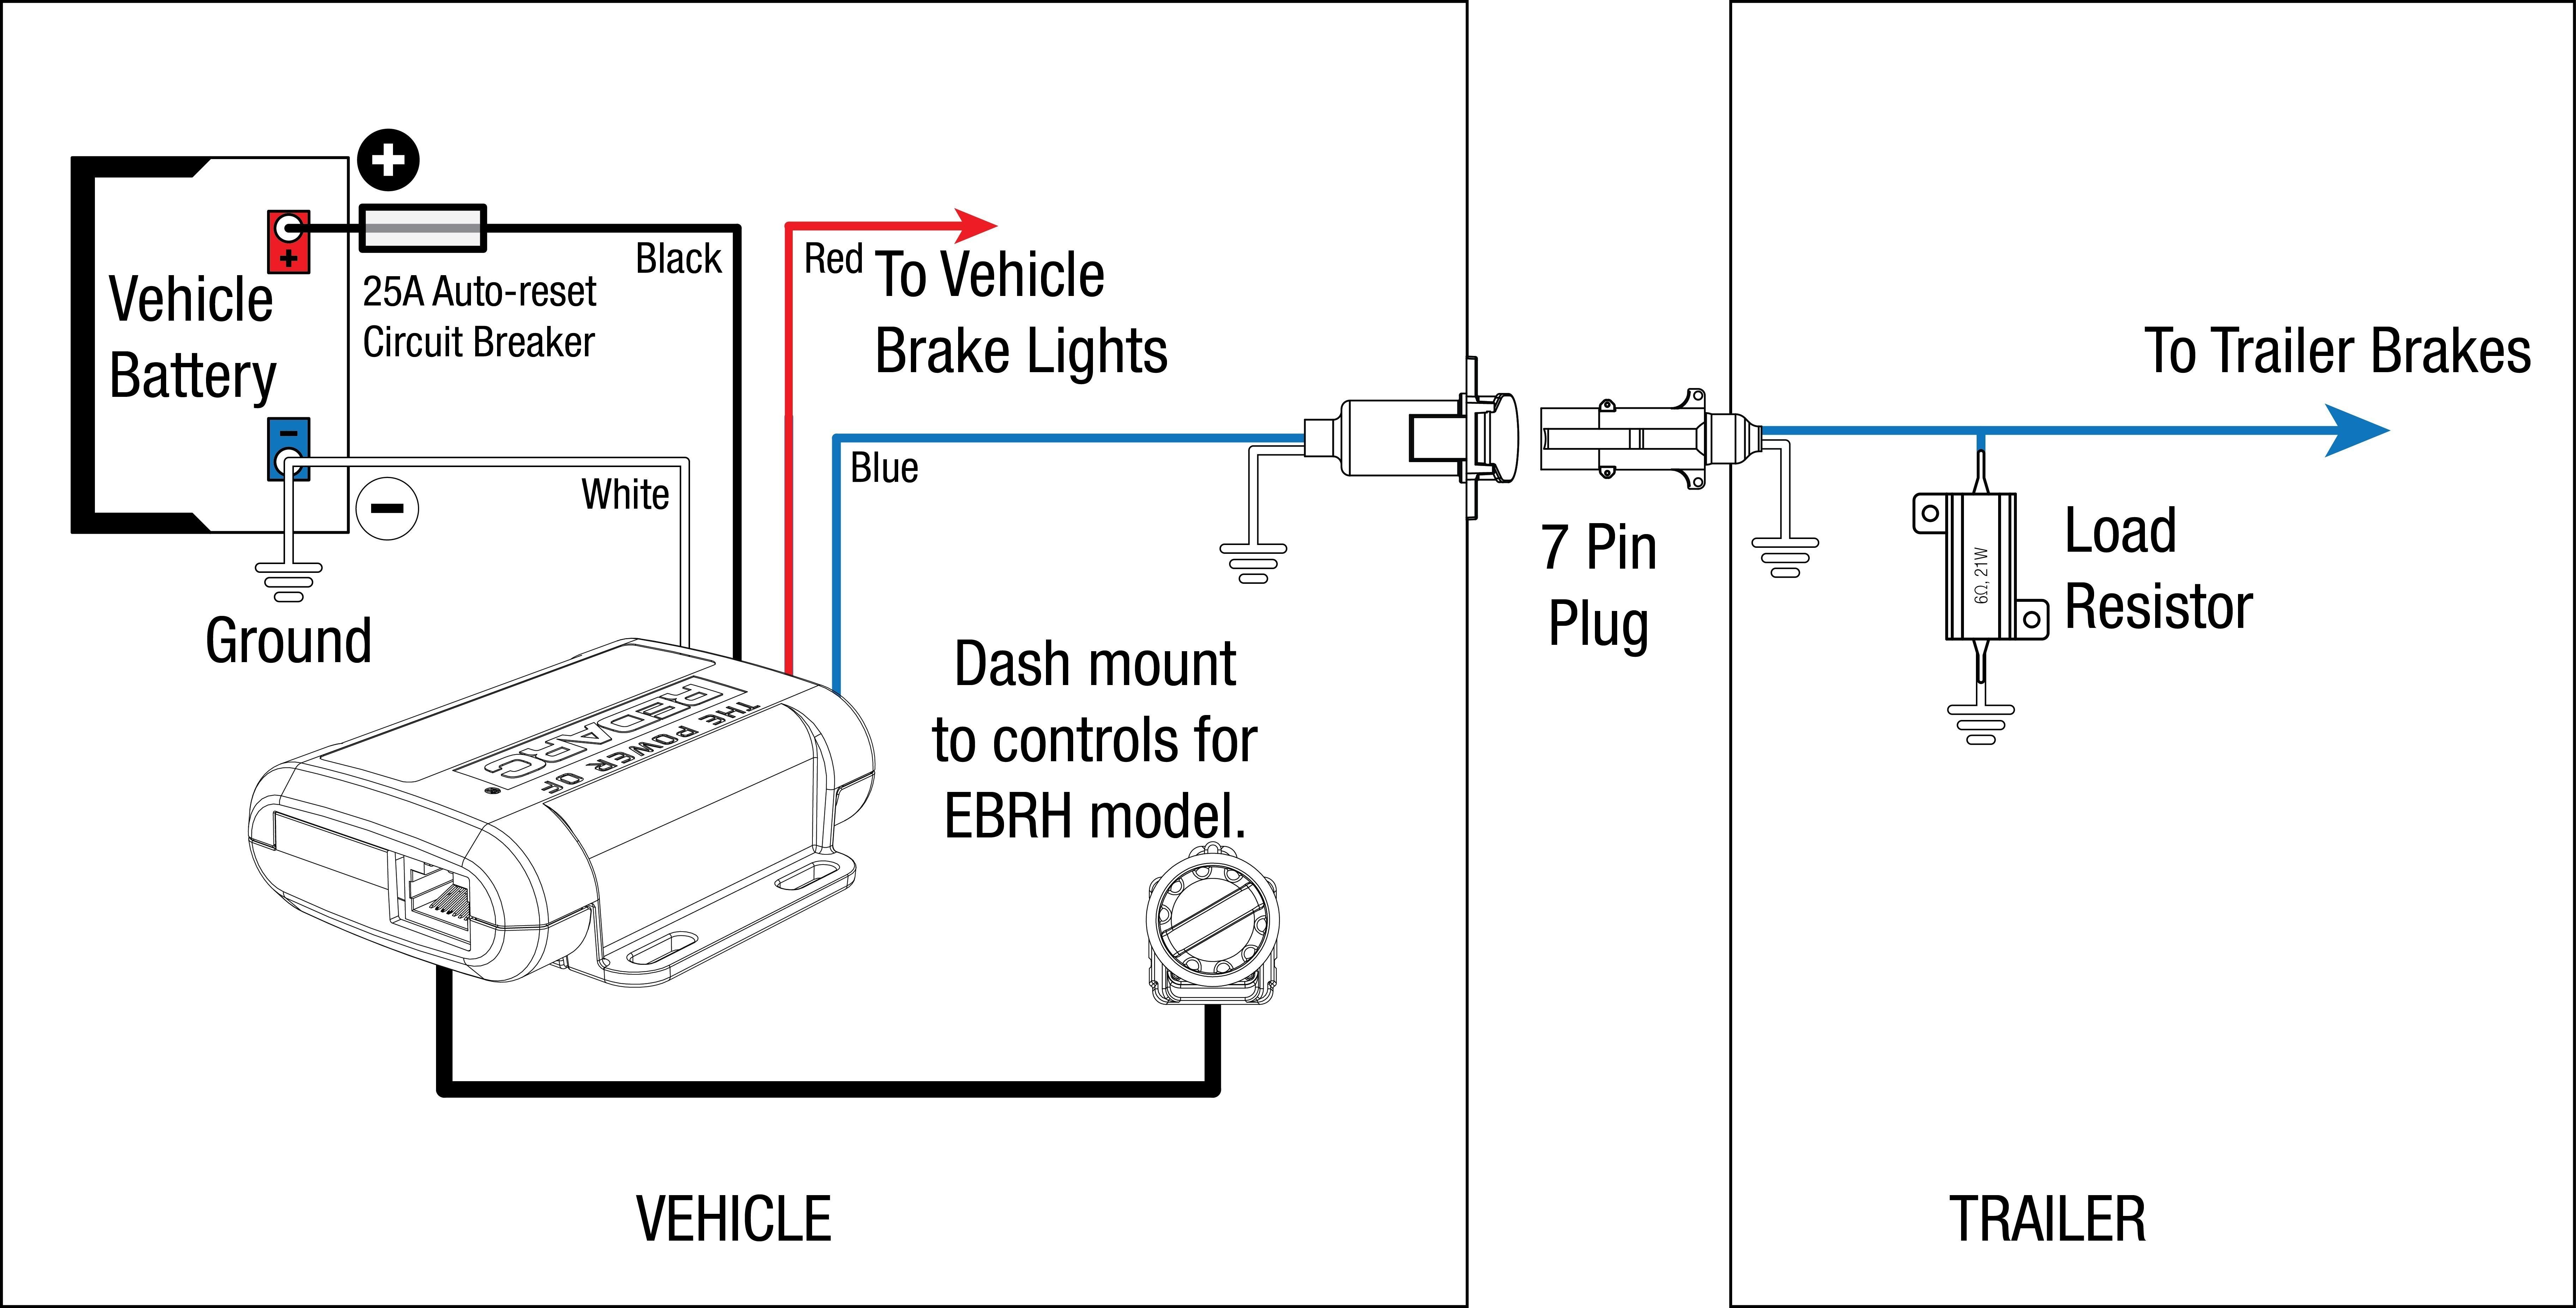 Parking Brake Diagram Diagram Braking System Emergency Brake Diagram Unique Light Of Parking Brake Diagram